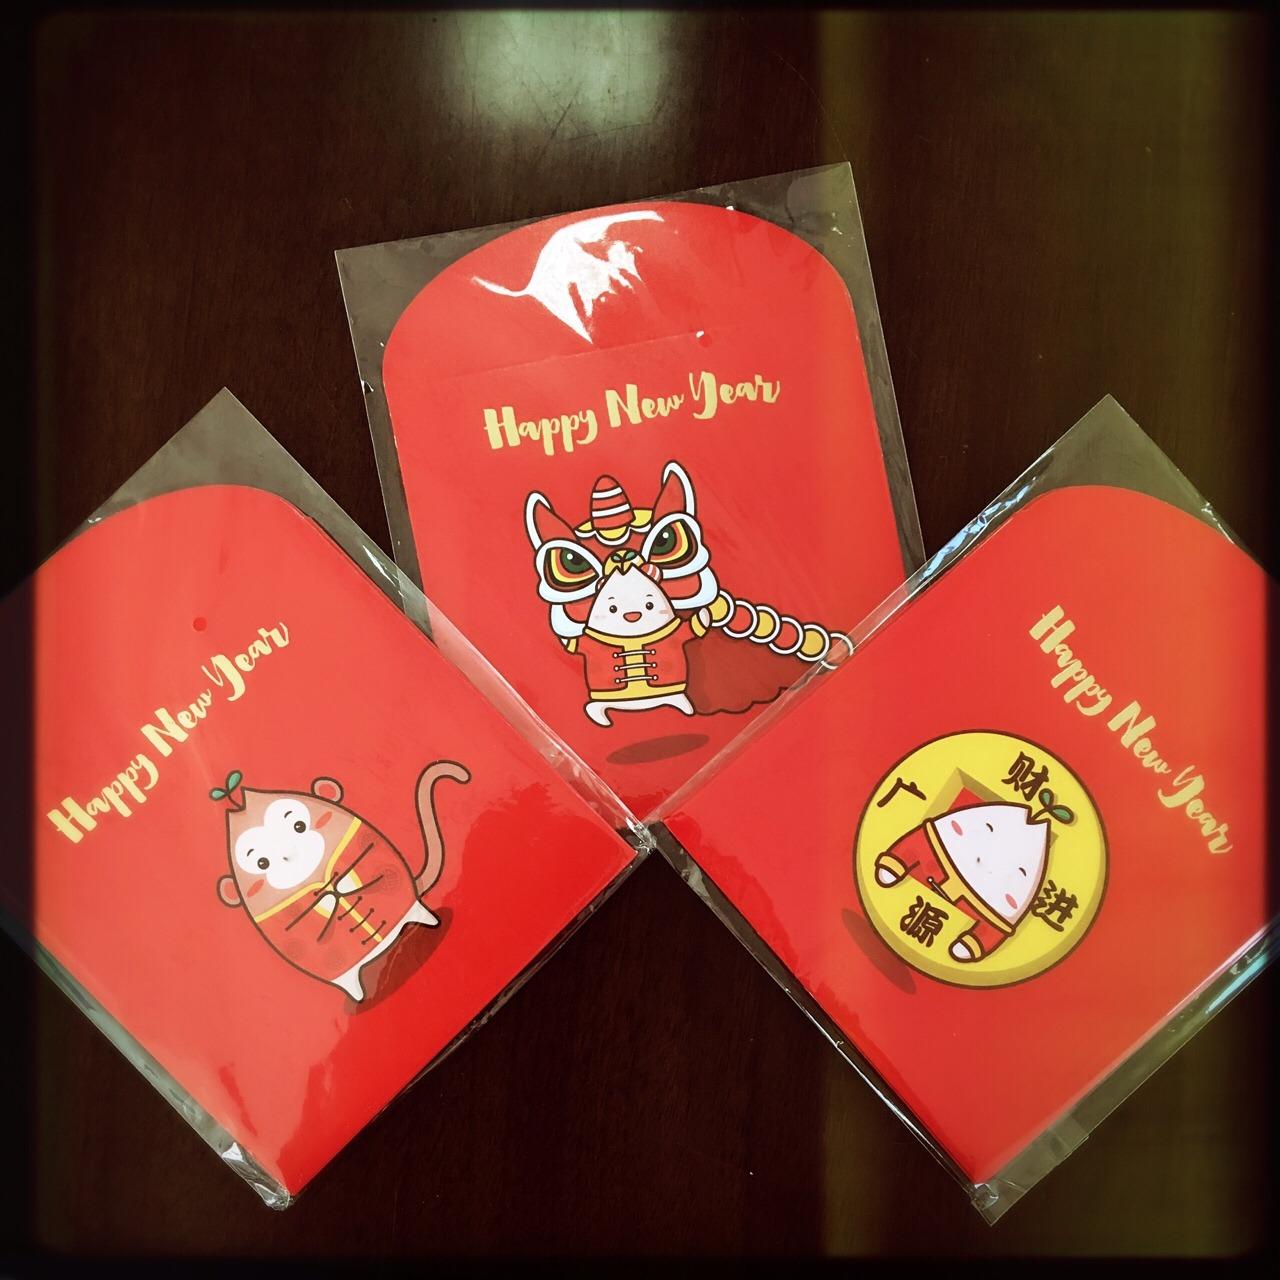 小红书送的小红包,真是太可爱了,从红包的数量就能看出